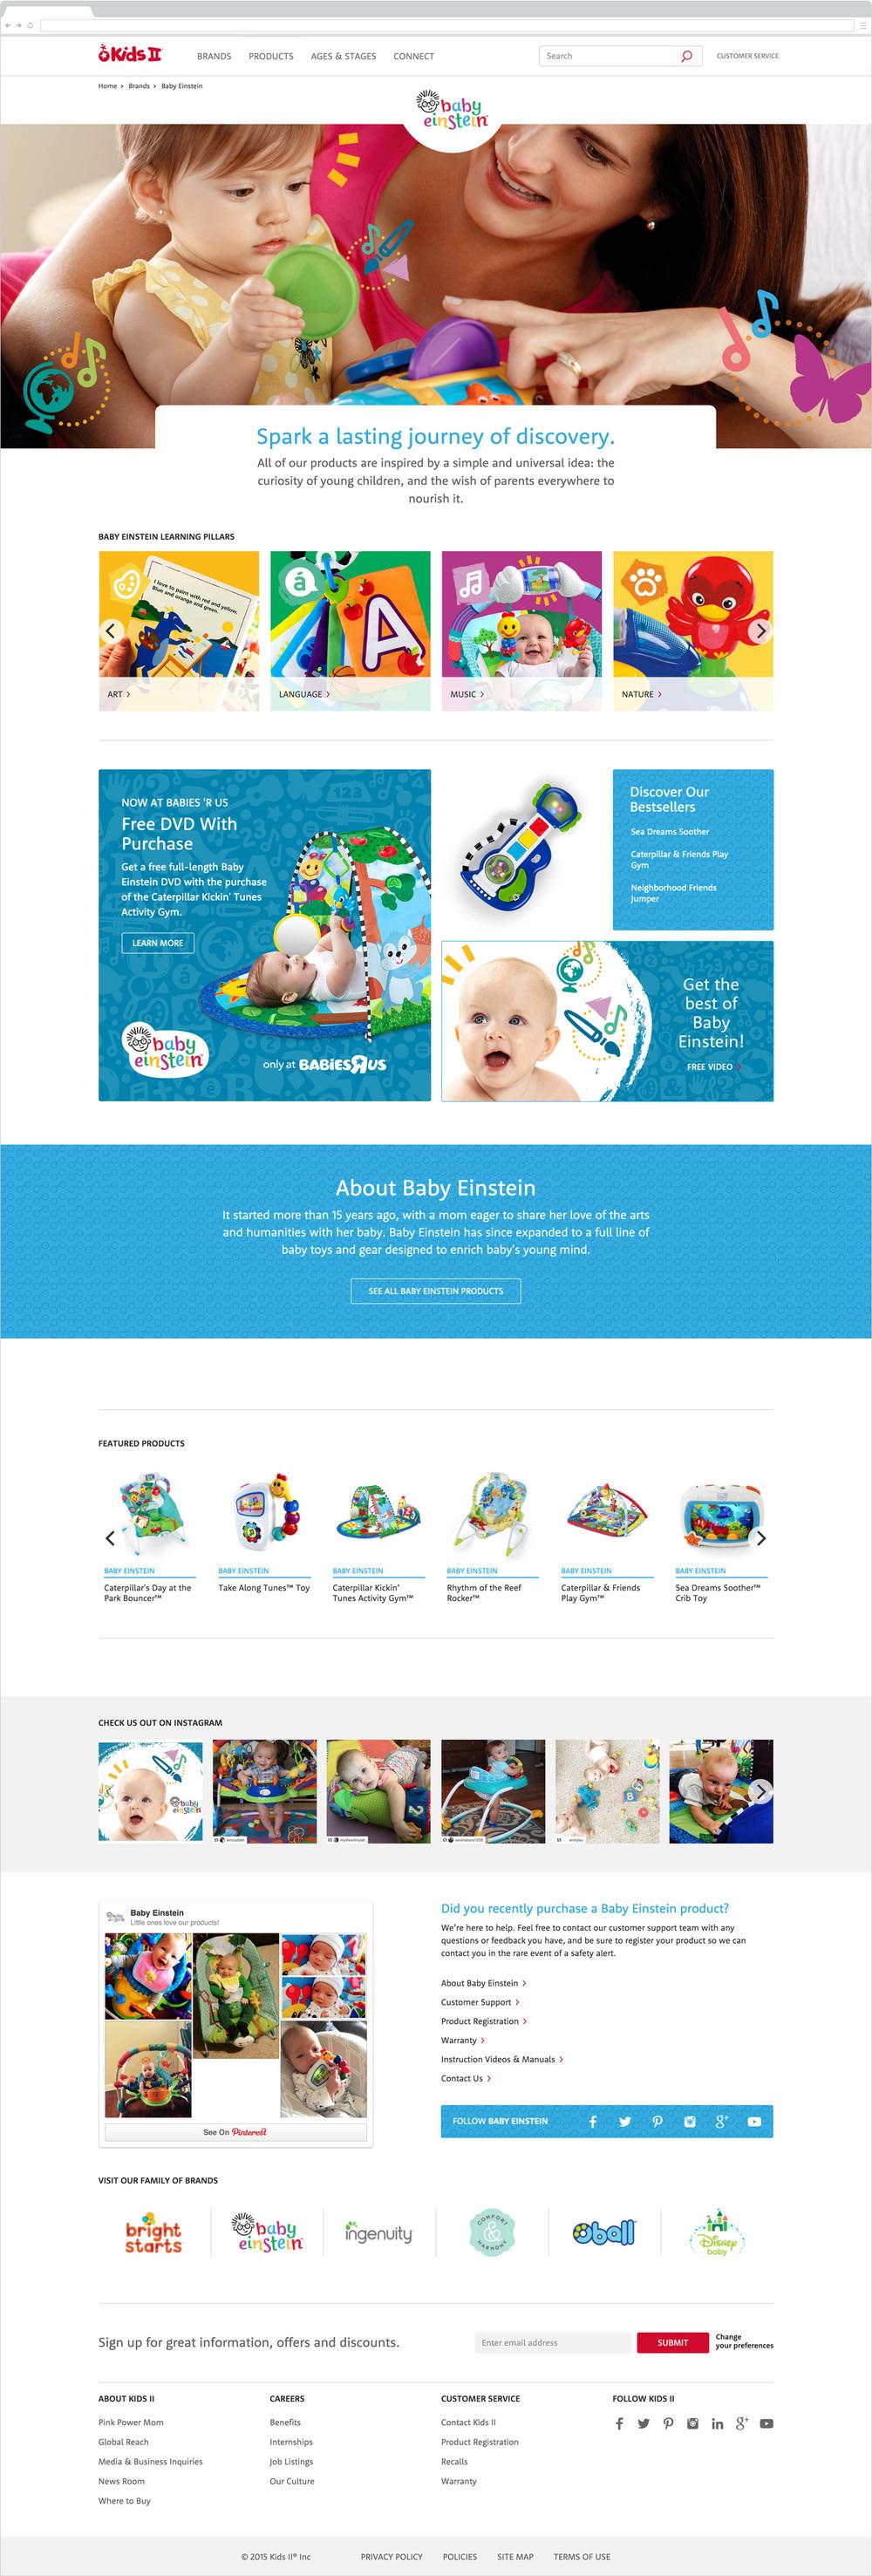 Brand page - Baby Einstein